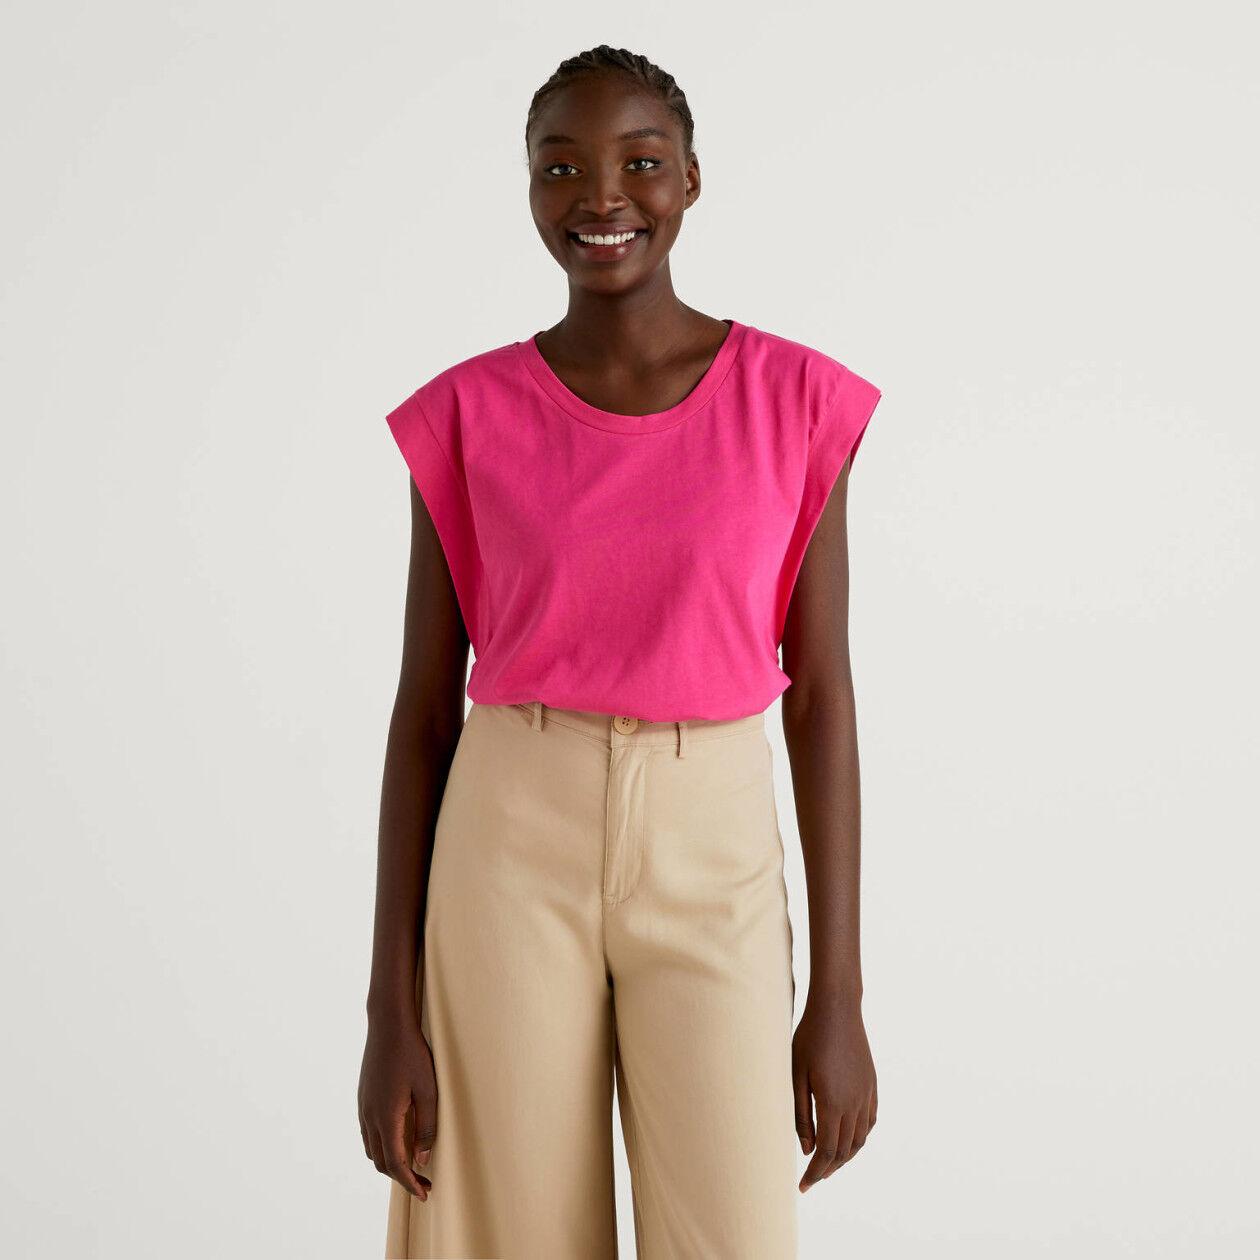 T-shirt em algodão com manga curta